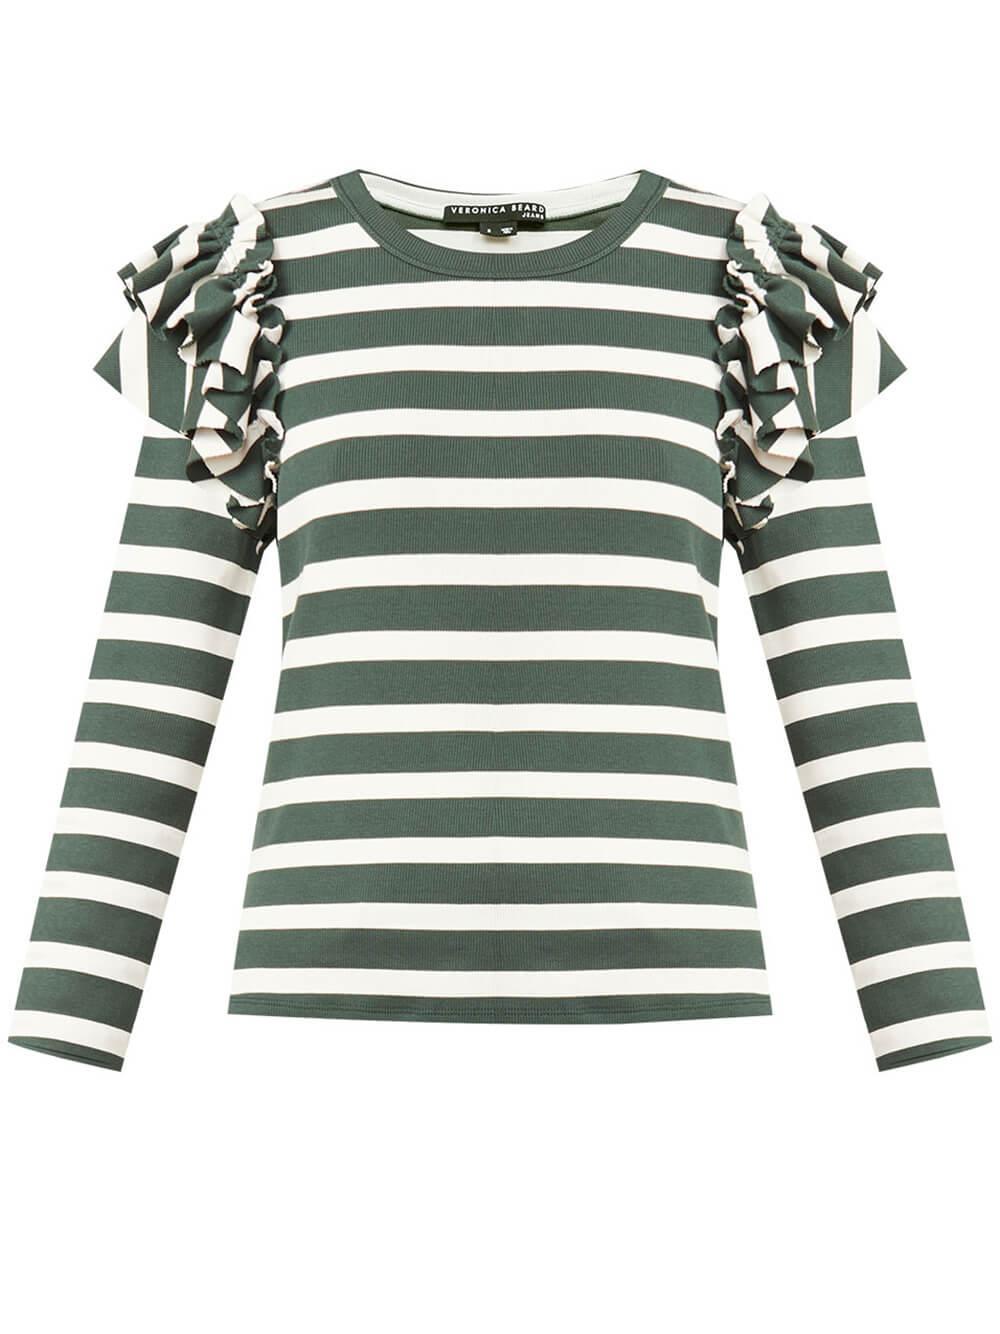 Segrist Ruffle Striped Top Item # J2108JY0210544